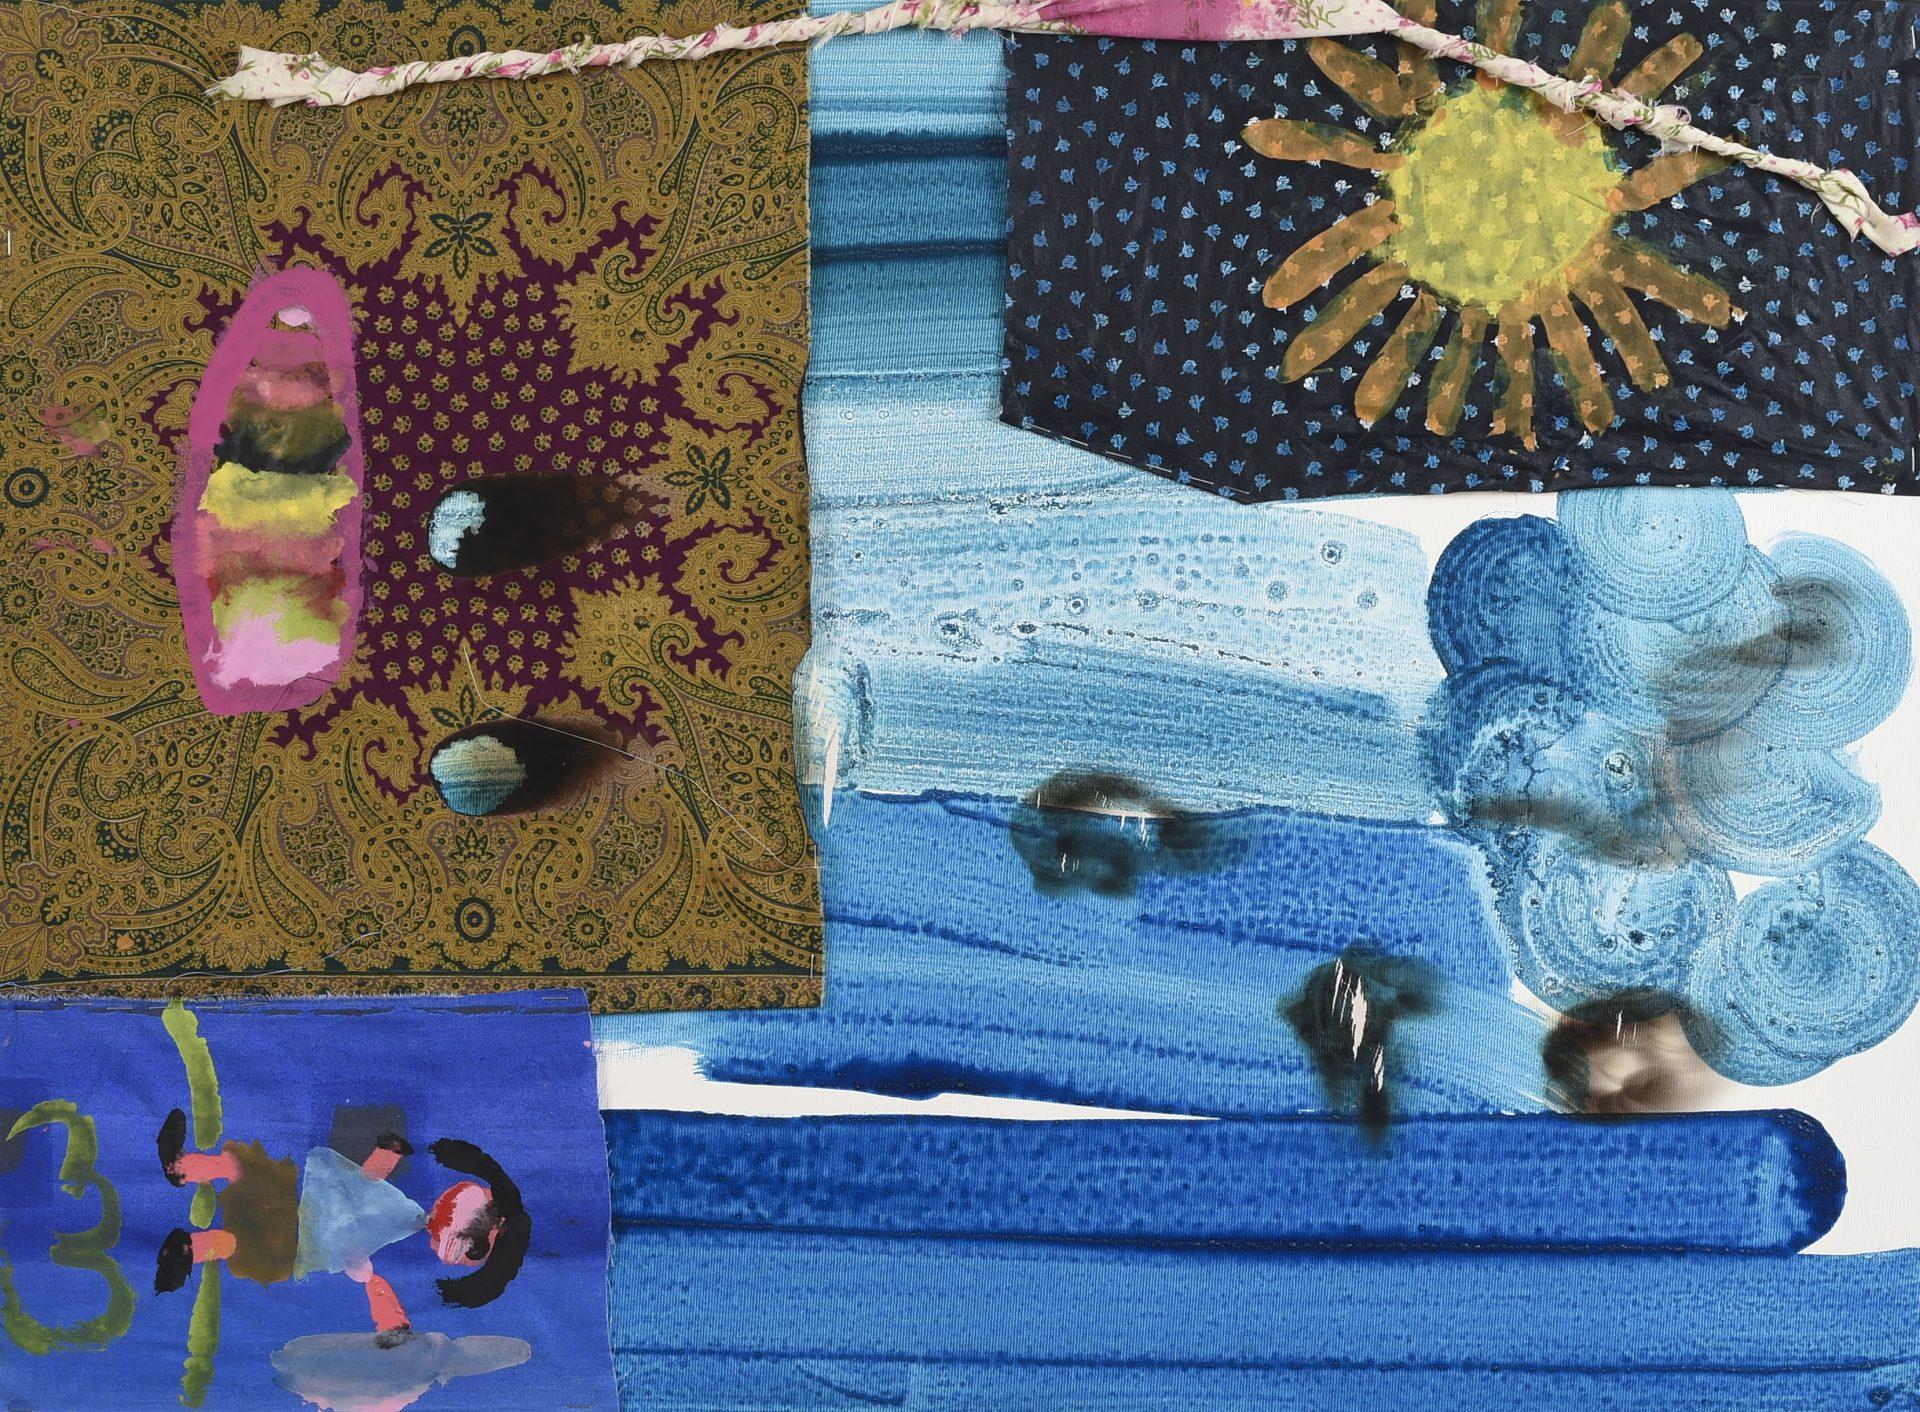 Giocando con i colori<br>CS10<br>misure: 80 x 100 cm<br>tecnica: acrilico su tela<br>anno: 2015<br><br>DISPONIBILE